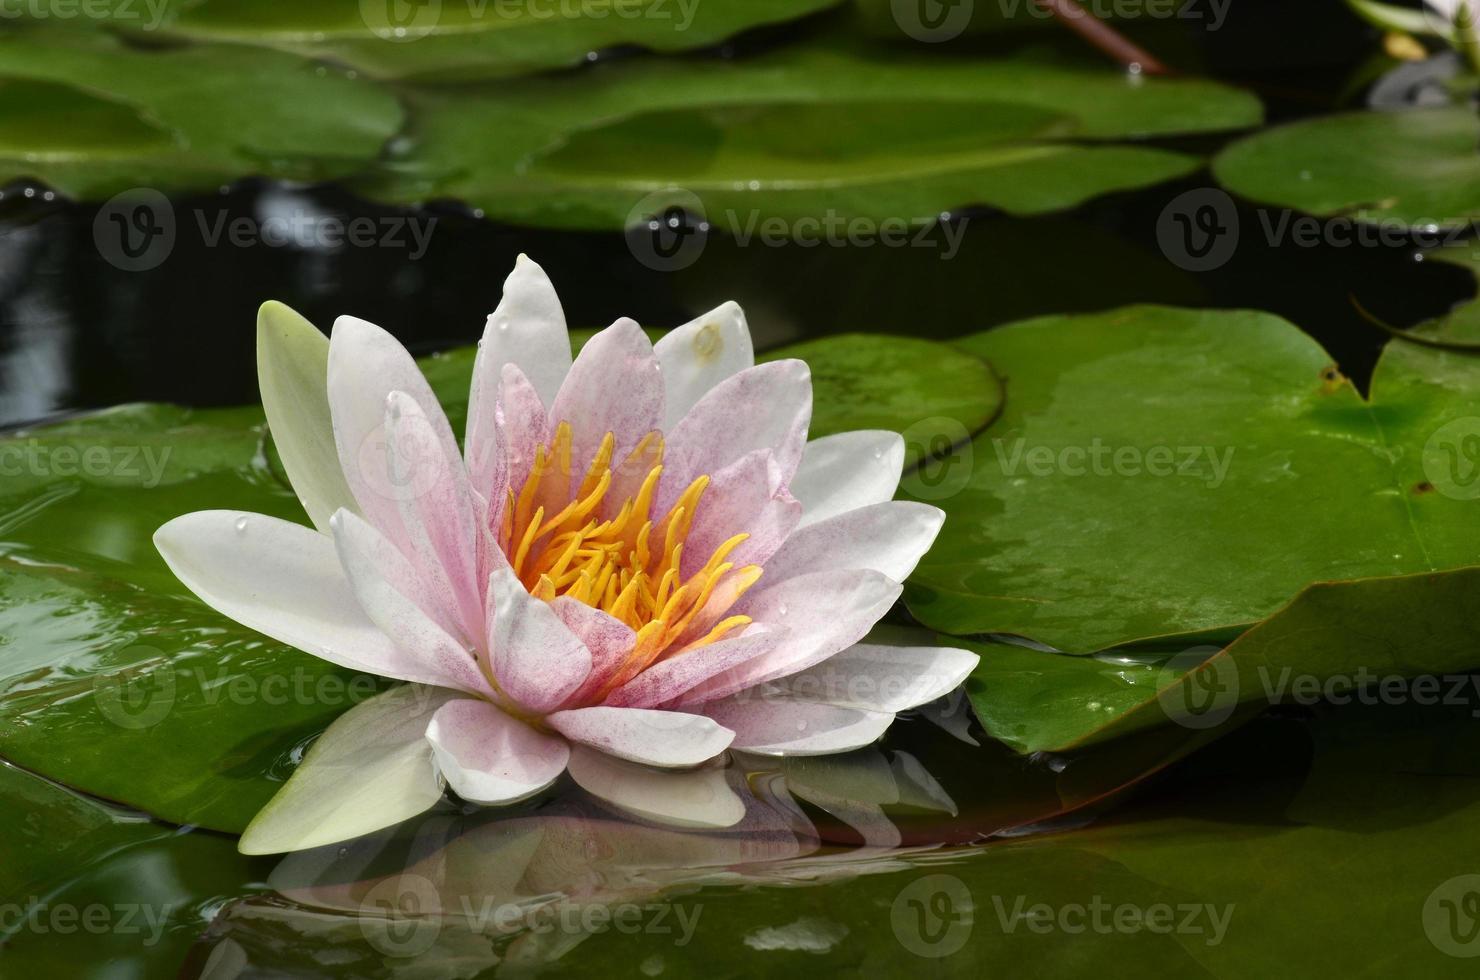 fiore di loto esposto alla luce circondato da foglie verdi foto